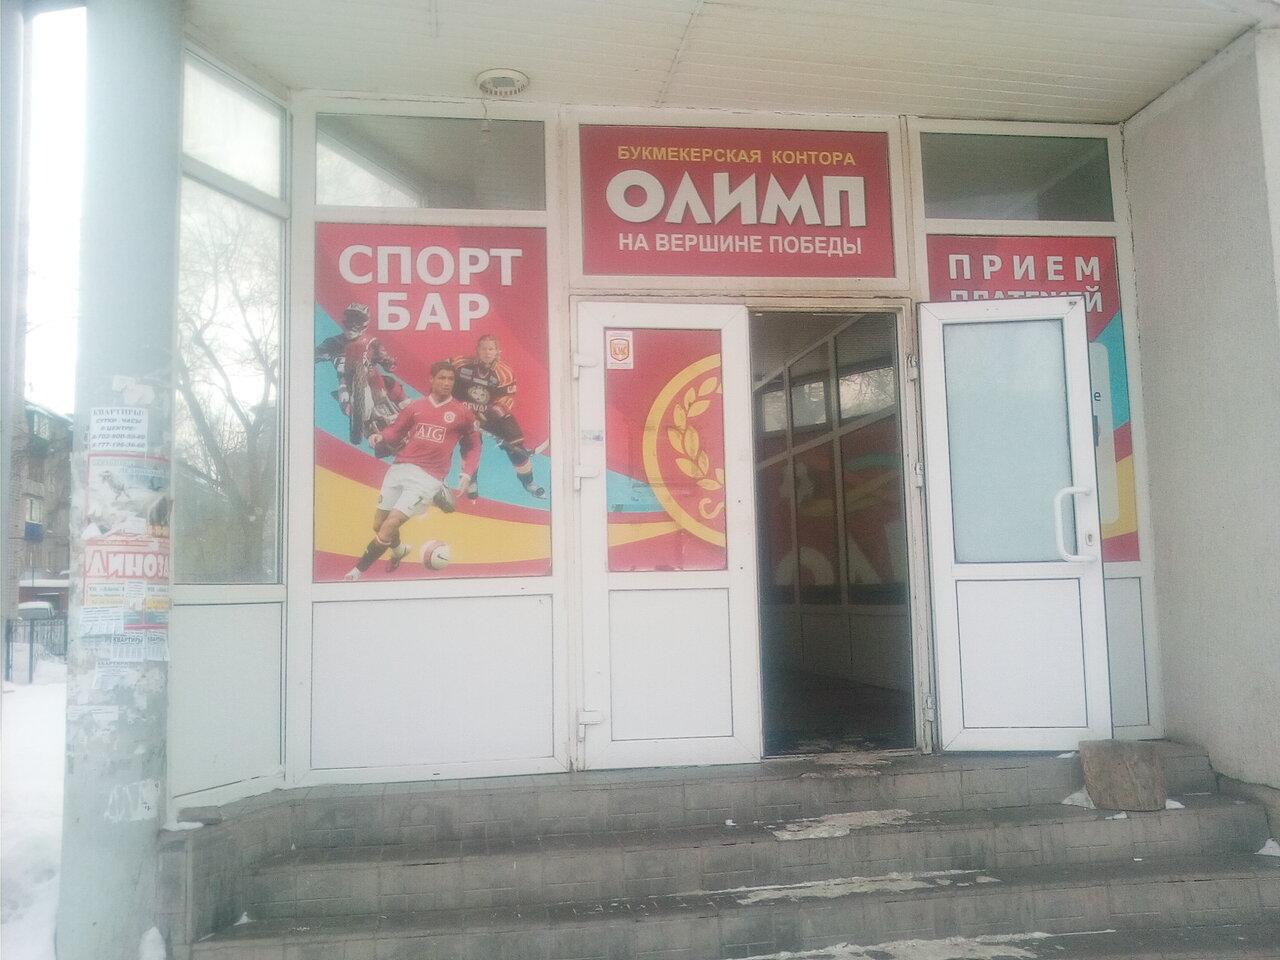 олимп уральск контора букмекерская